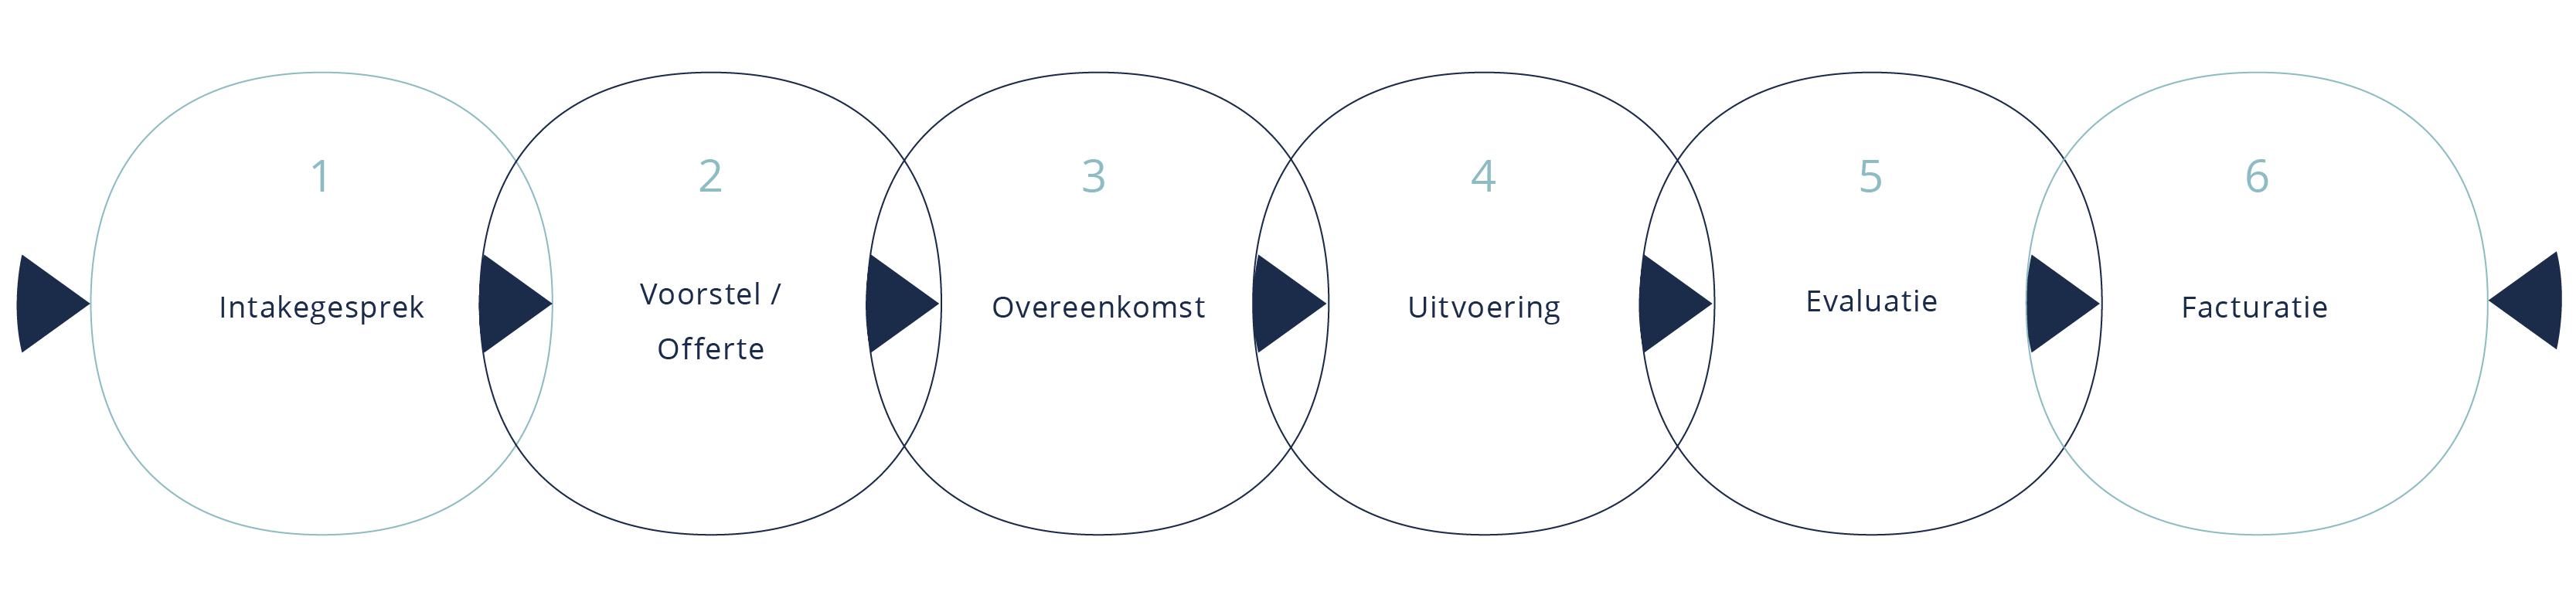 Administratieve bedrijfsondersteuning proces - Opti Office Solutions